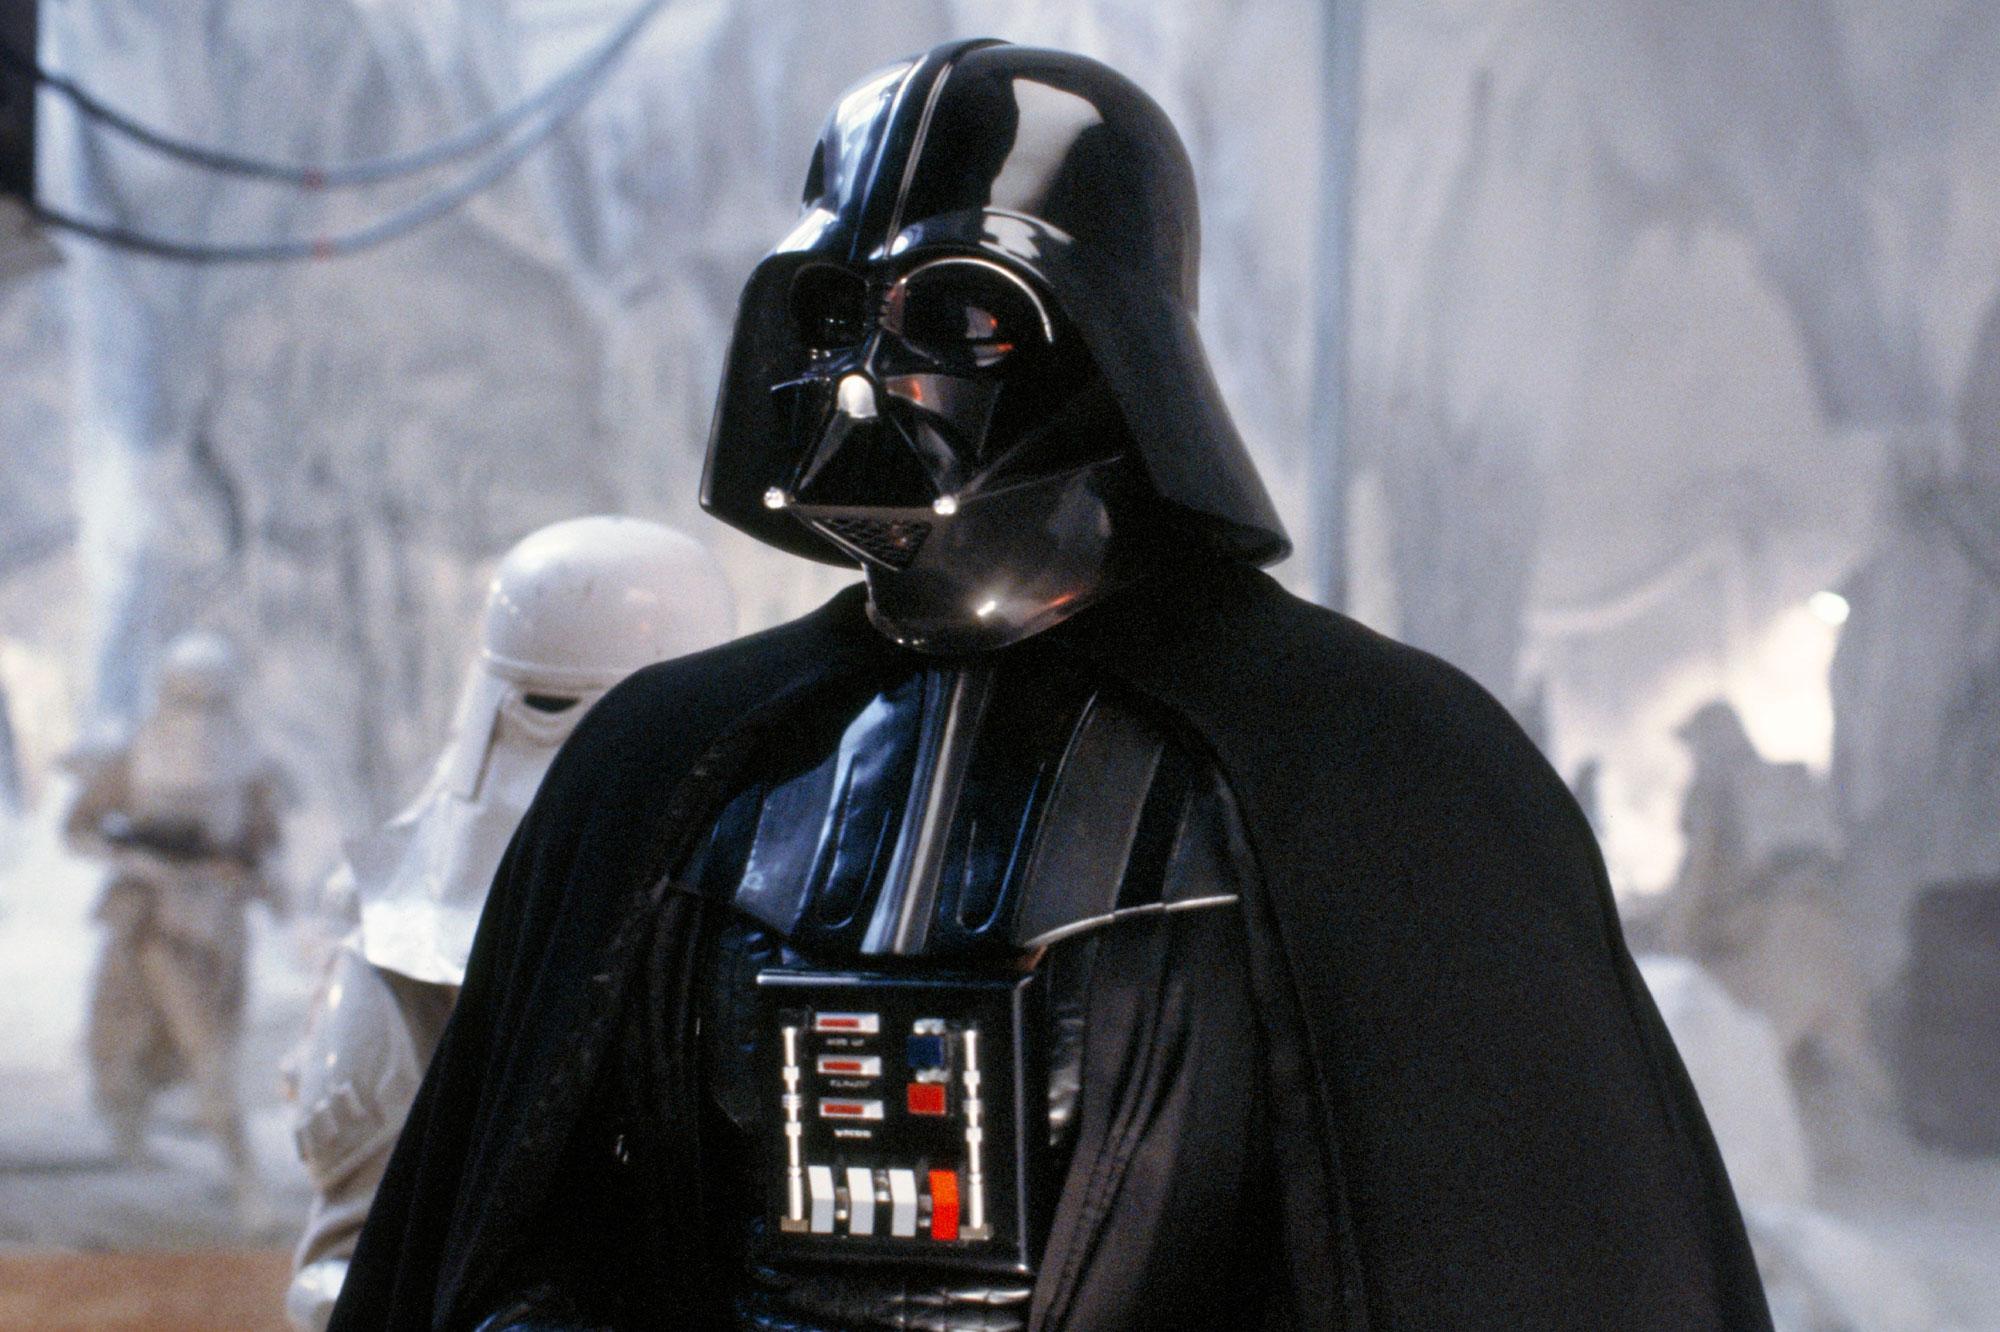 Star wars vii le visage du successeur de dark vador r v l - Visage de dark vador ...